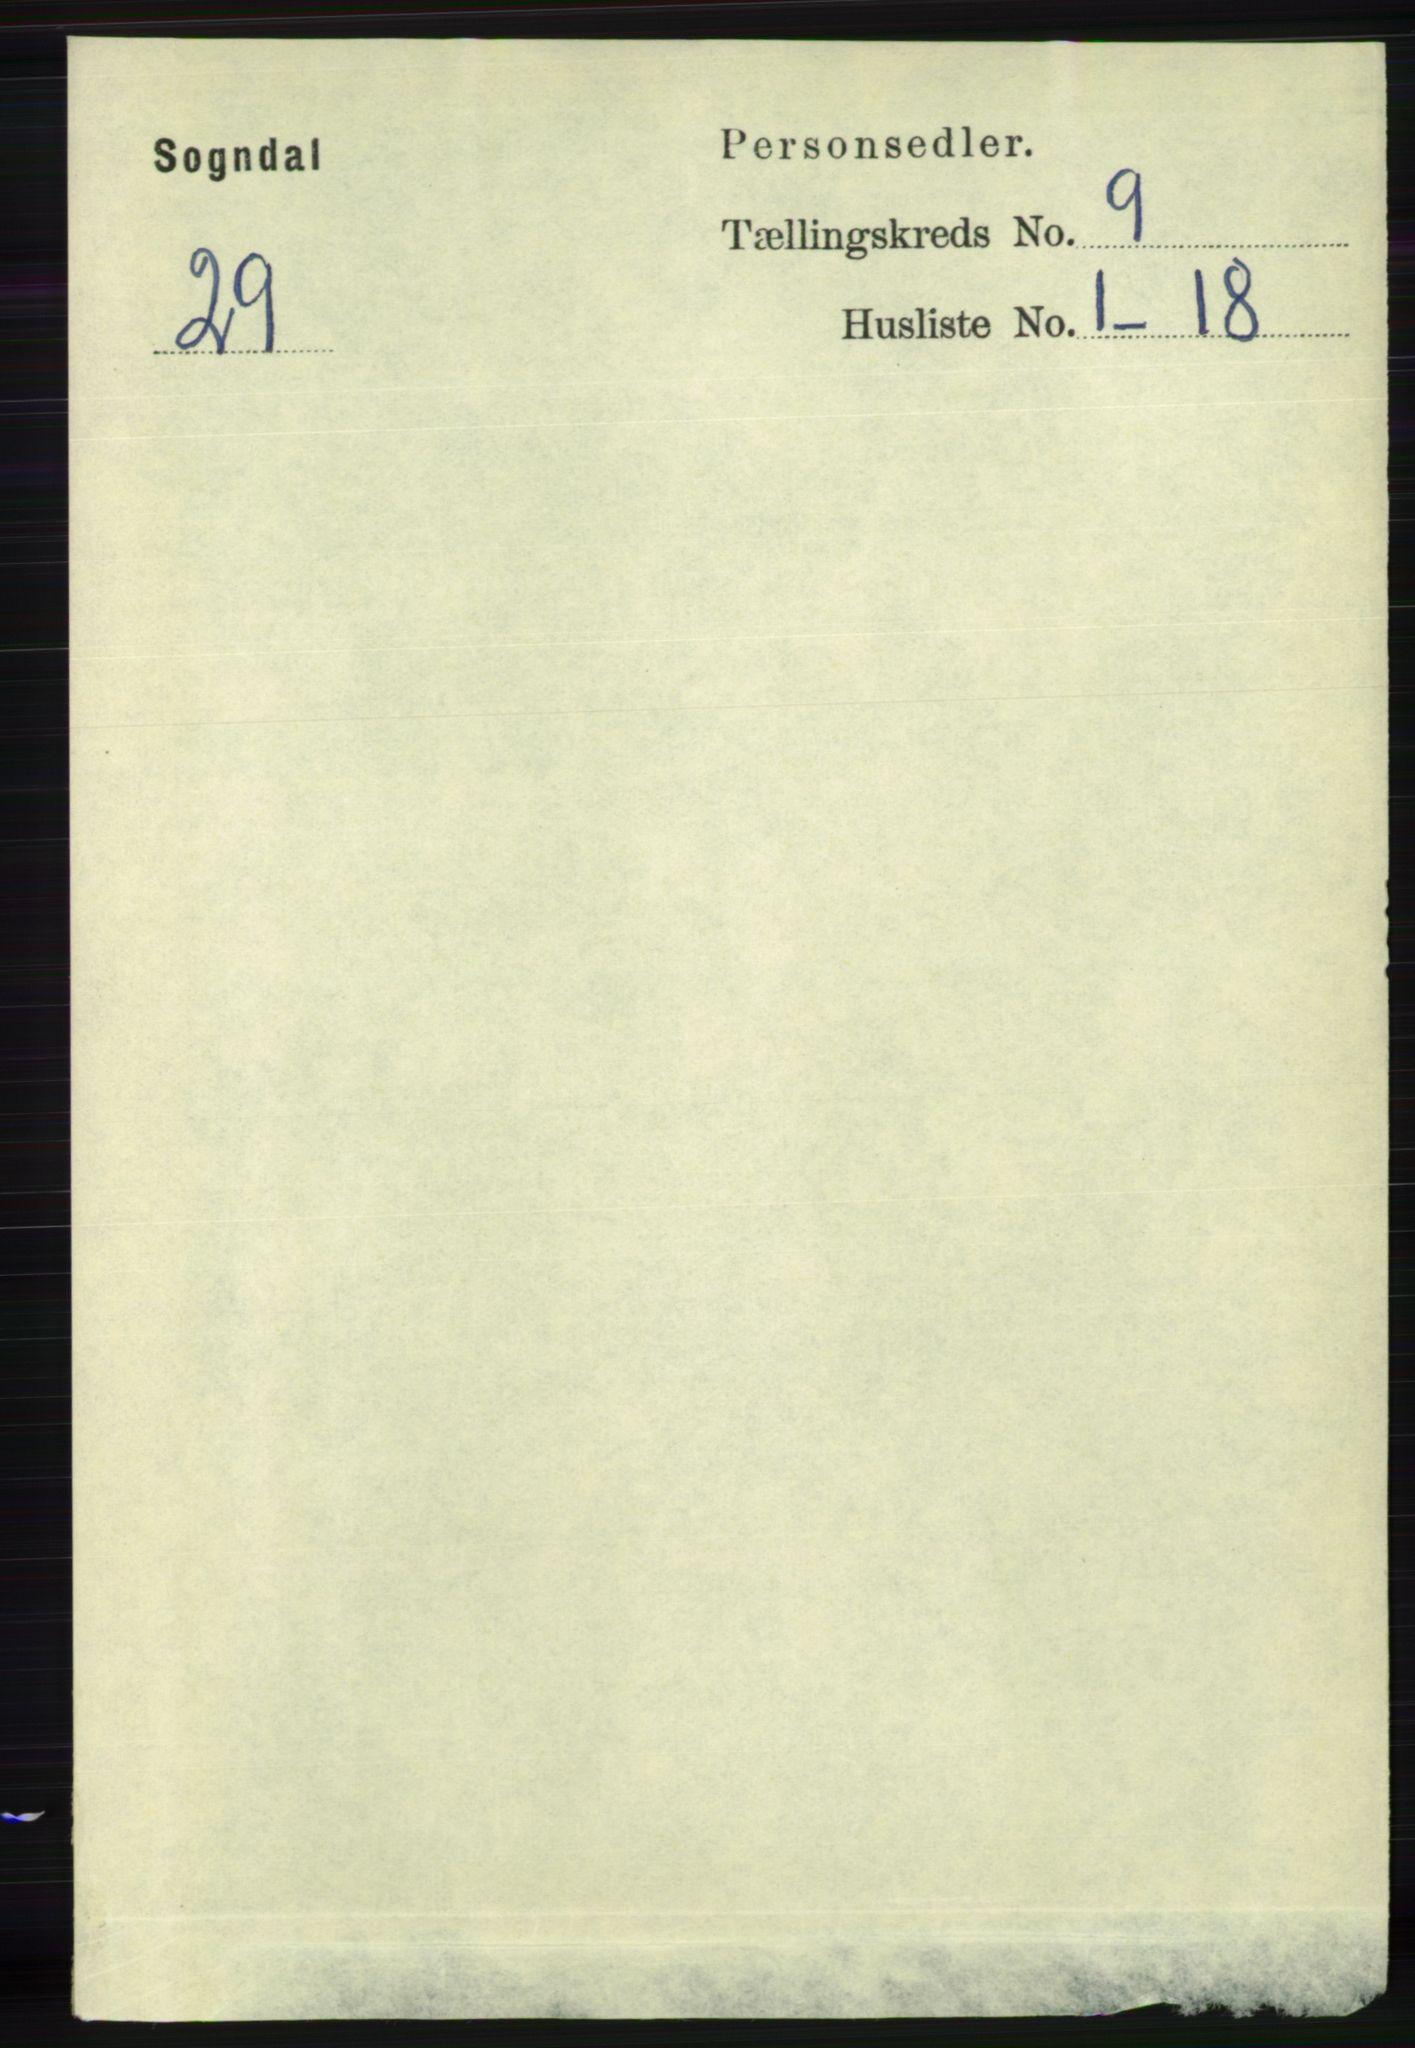 RA, Folketelling 1891 for 1111 Sokndal herred, 1891, s. 3153